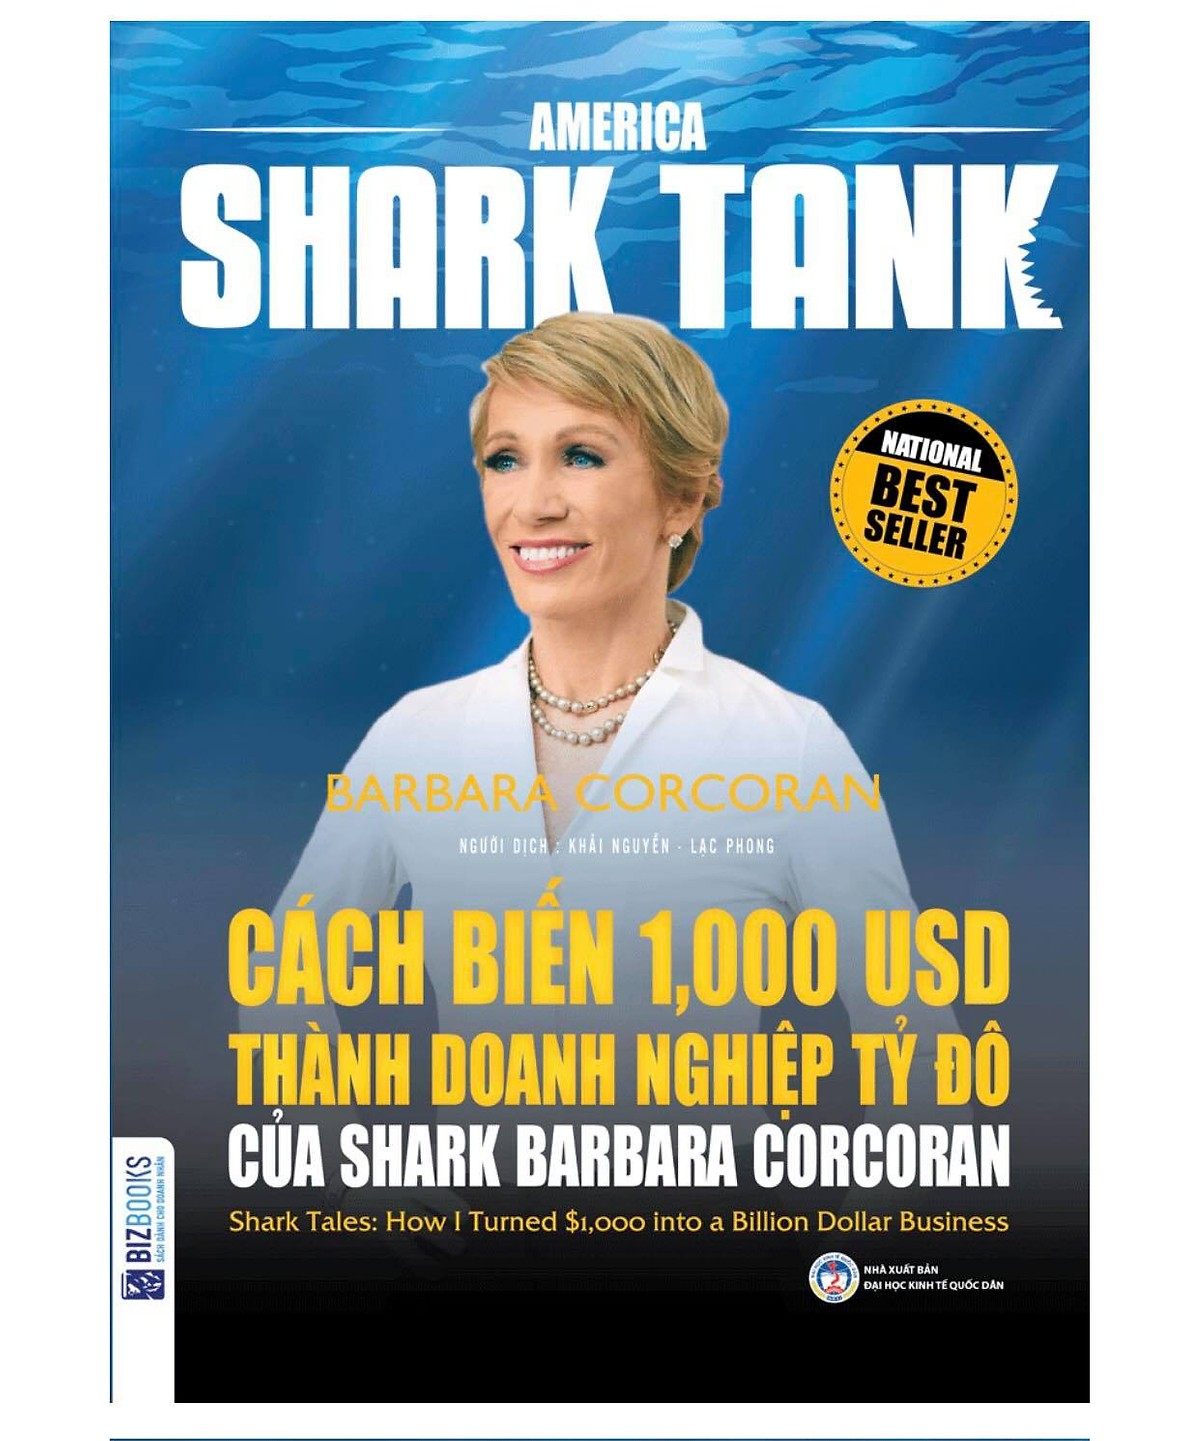 Combo Trọn Bộ 6 Cuốn America Shark Tank ( Bùng Nổ Bán Hàng Cùng Shark Robert Herjavec , Cách Biến 1.000 USD Thành Doanh Nghiệp Tỷ Đô Của Shark Barbara Corcoran , Cách Biến Ý Tưởng Triệu Đô Thành Hiện Thực Của Shark Lori Greiner , Rèn Luyện Ý Chí Chiến Thắng Cùng Shark Robert Herjavec , Thành Công Trong Kinh Doanh Và Cuộc Sống Cùng Shark Robert Herjavec , Bí Quyết Kinh Doanh Của Shark Mark Cuban tặng cuốn Không Phải Thiếu May Mắn Chỉ Là Chưa Cố Gắng